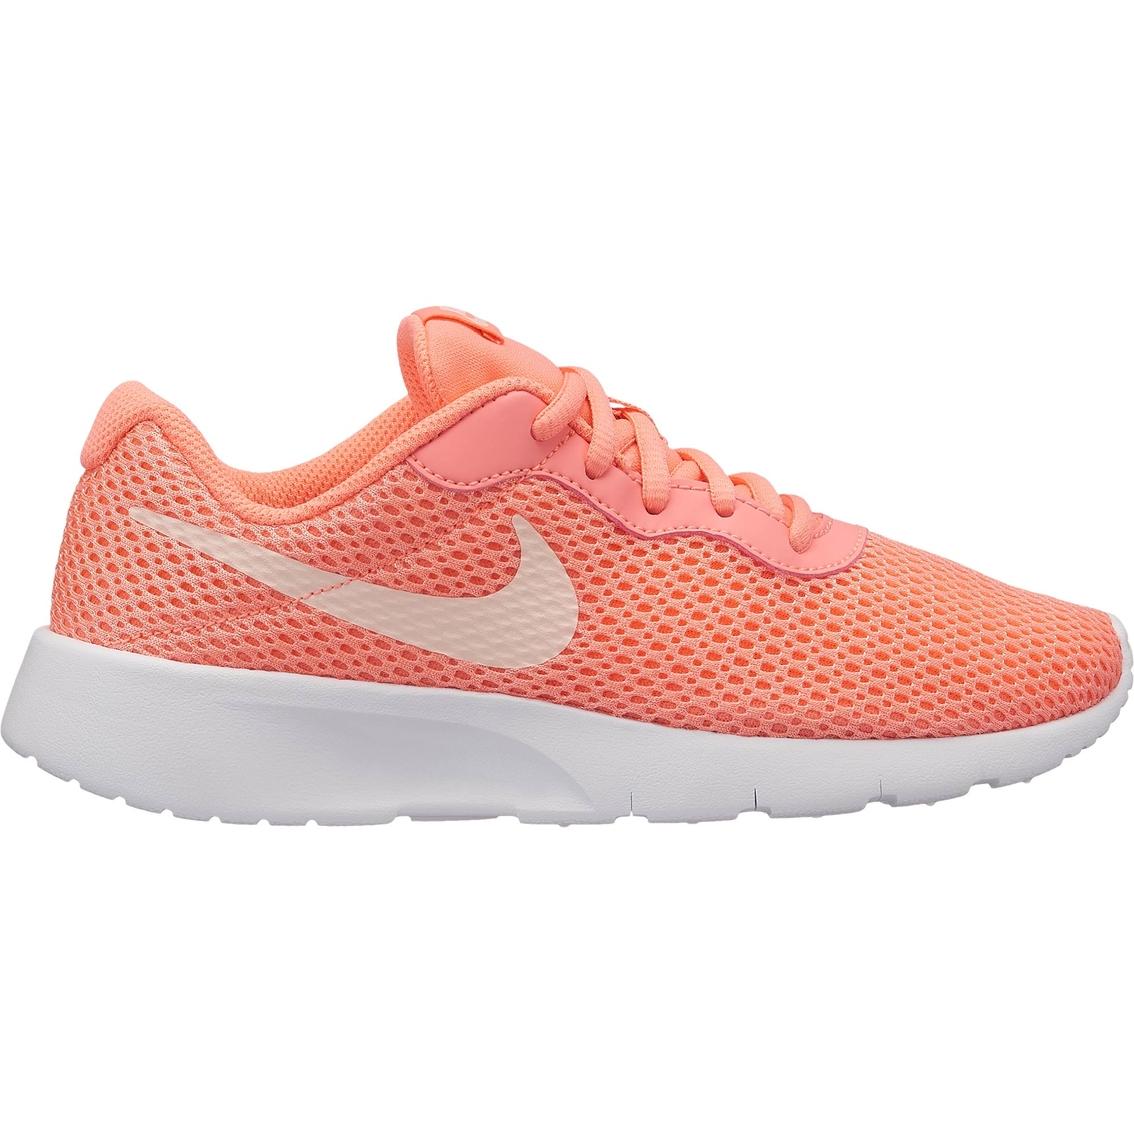 official photos 81103 f91d6 Nike Grade School Girls Tanjun Running Shoes